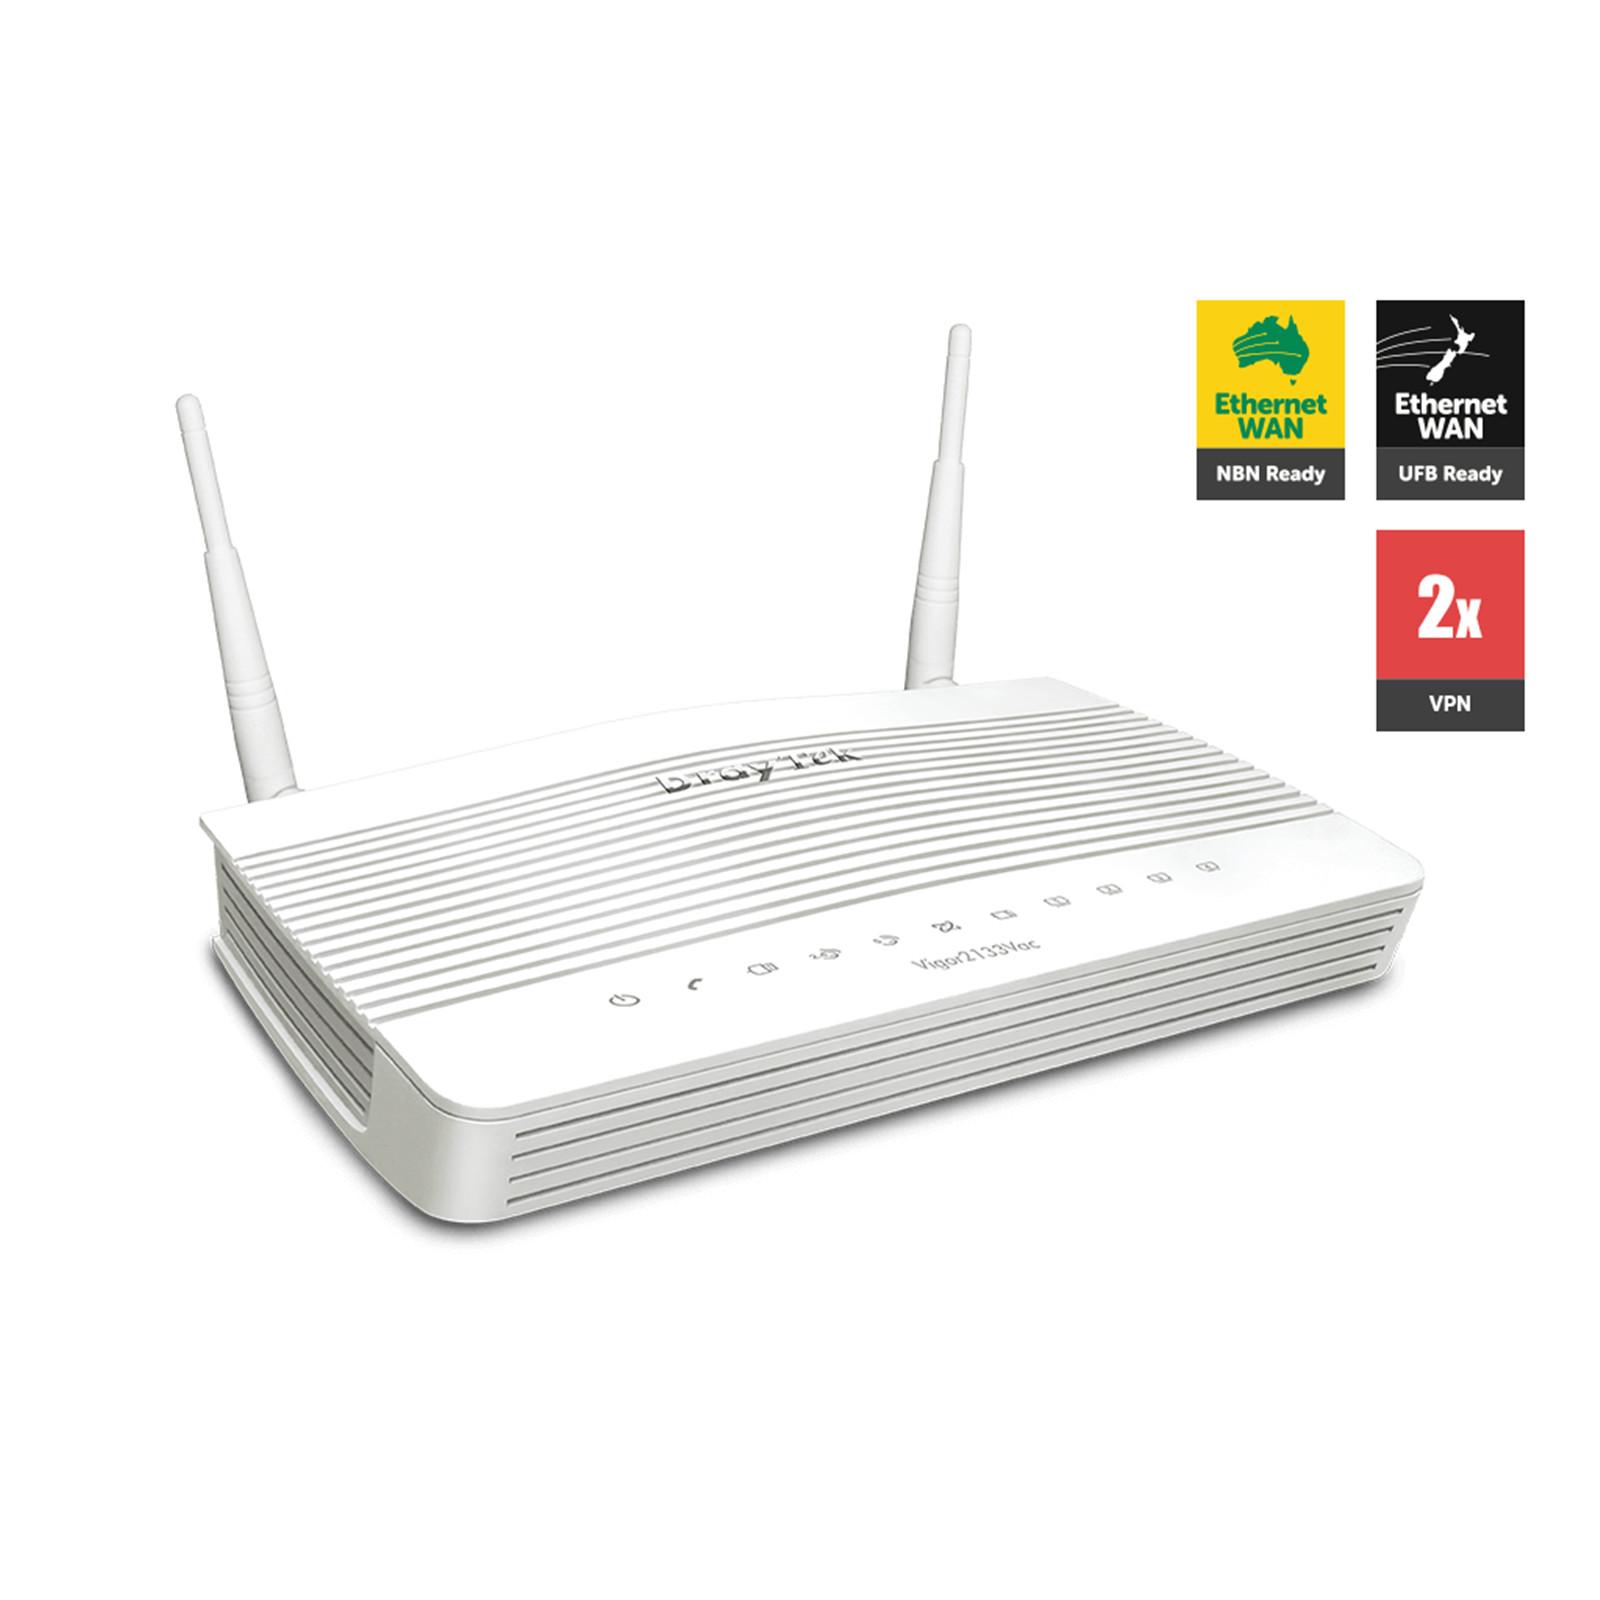 Buy the DrayTek Vigor2133Vac Dual-WAN Load Balancing Wi-Fi